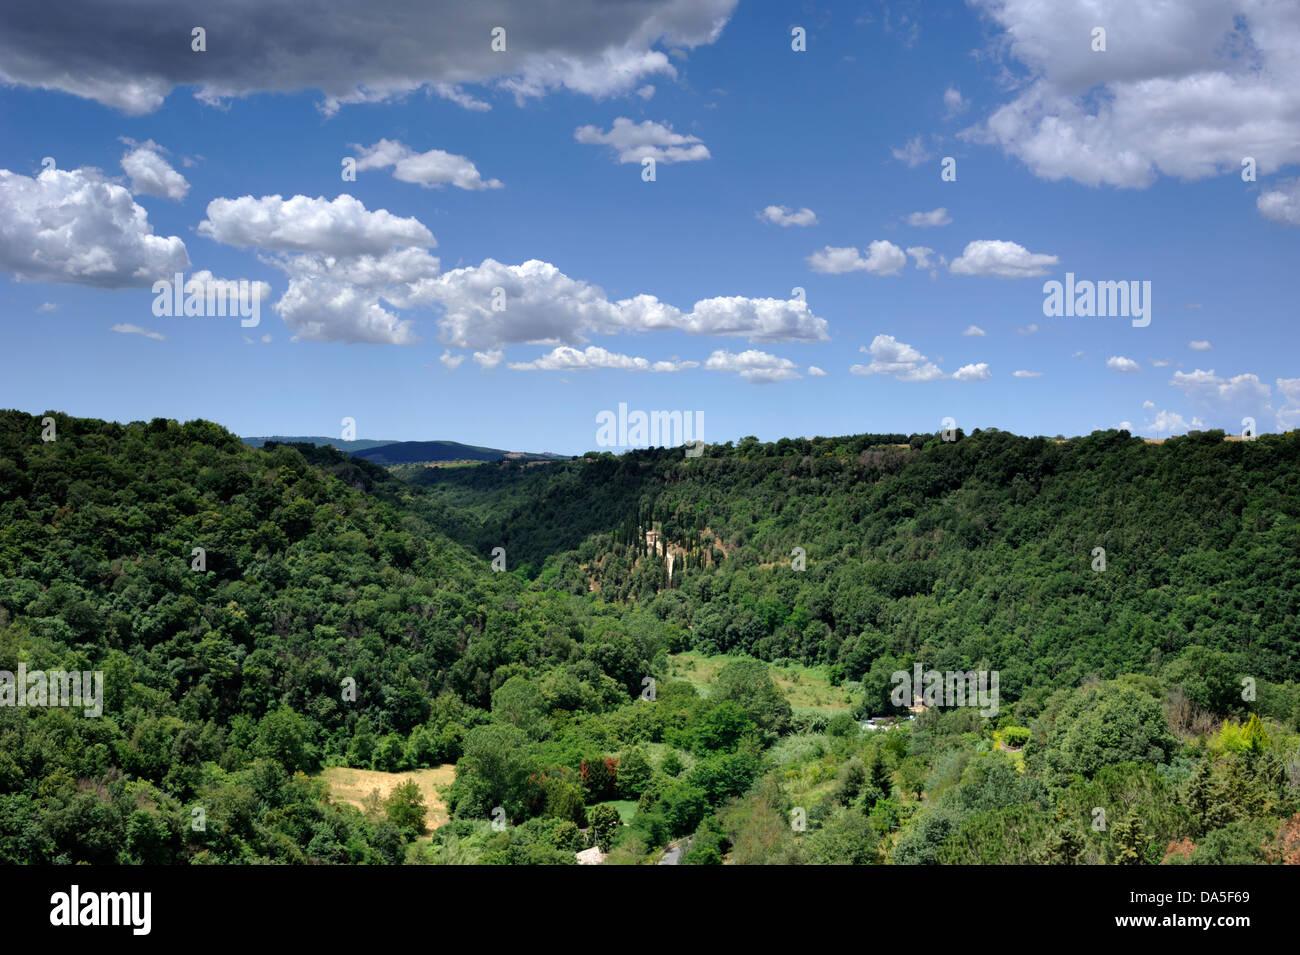 italy, tuscany, pitigliano - Stock Image